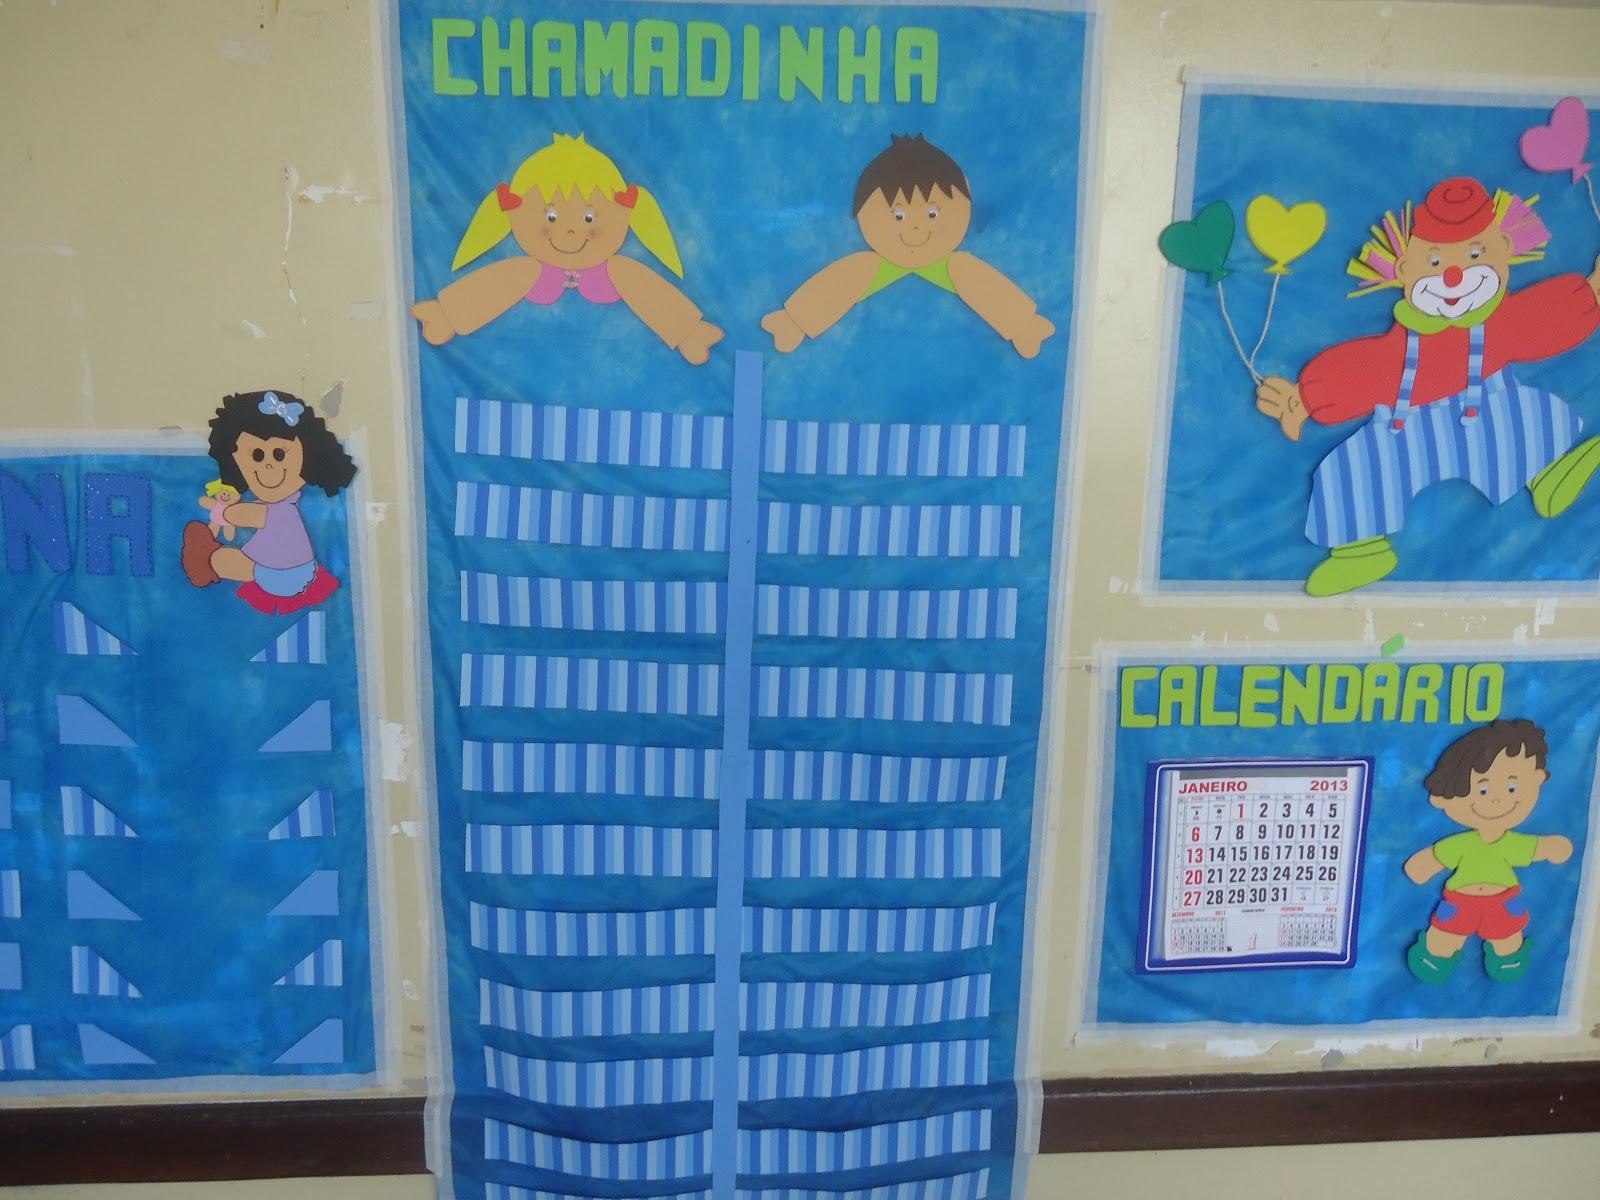 decoracao de sala aula educacao infantil : decoracao de sala aula educacao infantil:sexta-feira, 8 de março de 2013